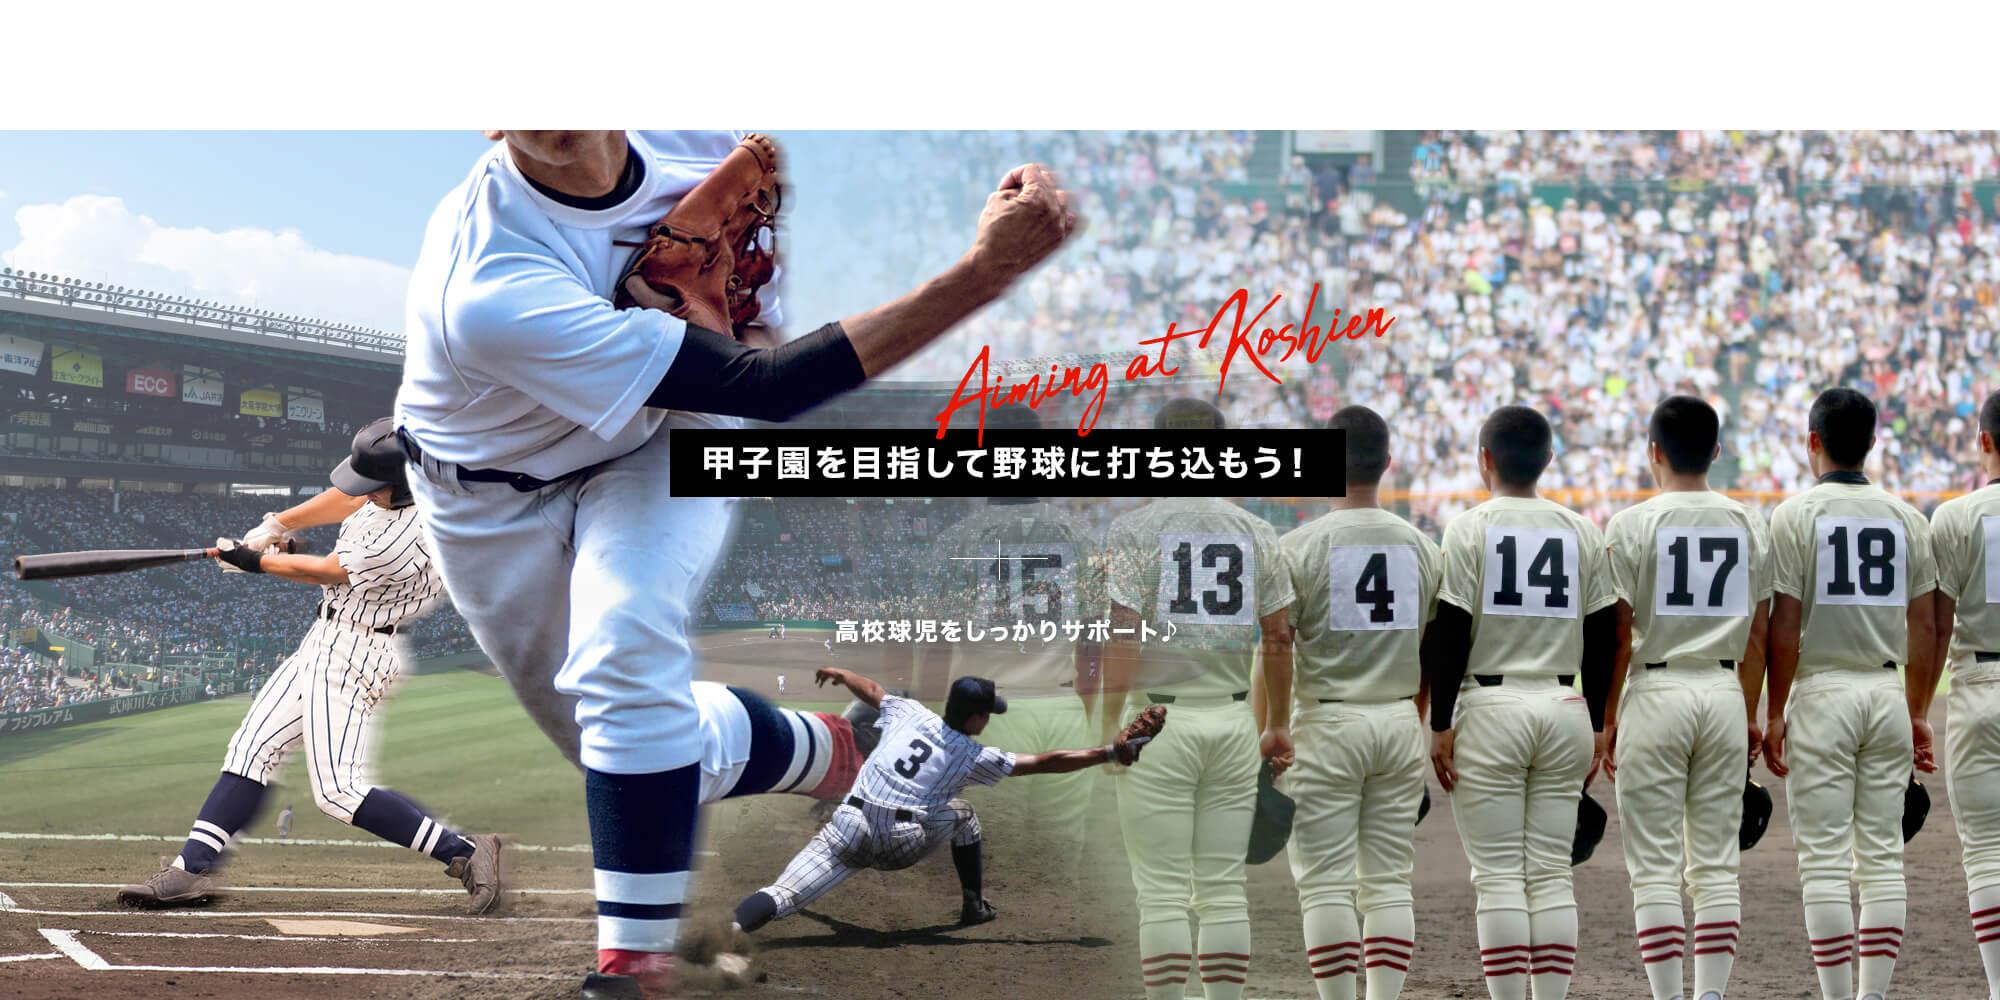 甲子園を目指して野球に打ち込もう!高校球児をしっかりサポート♪